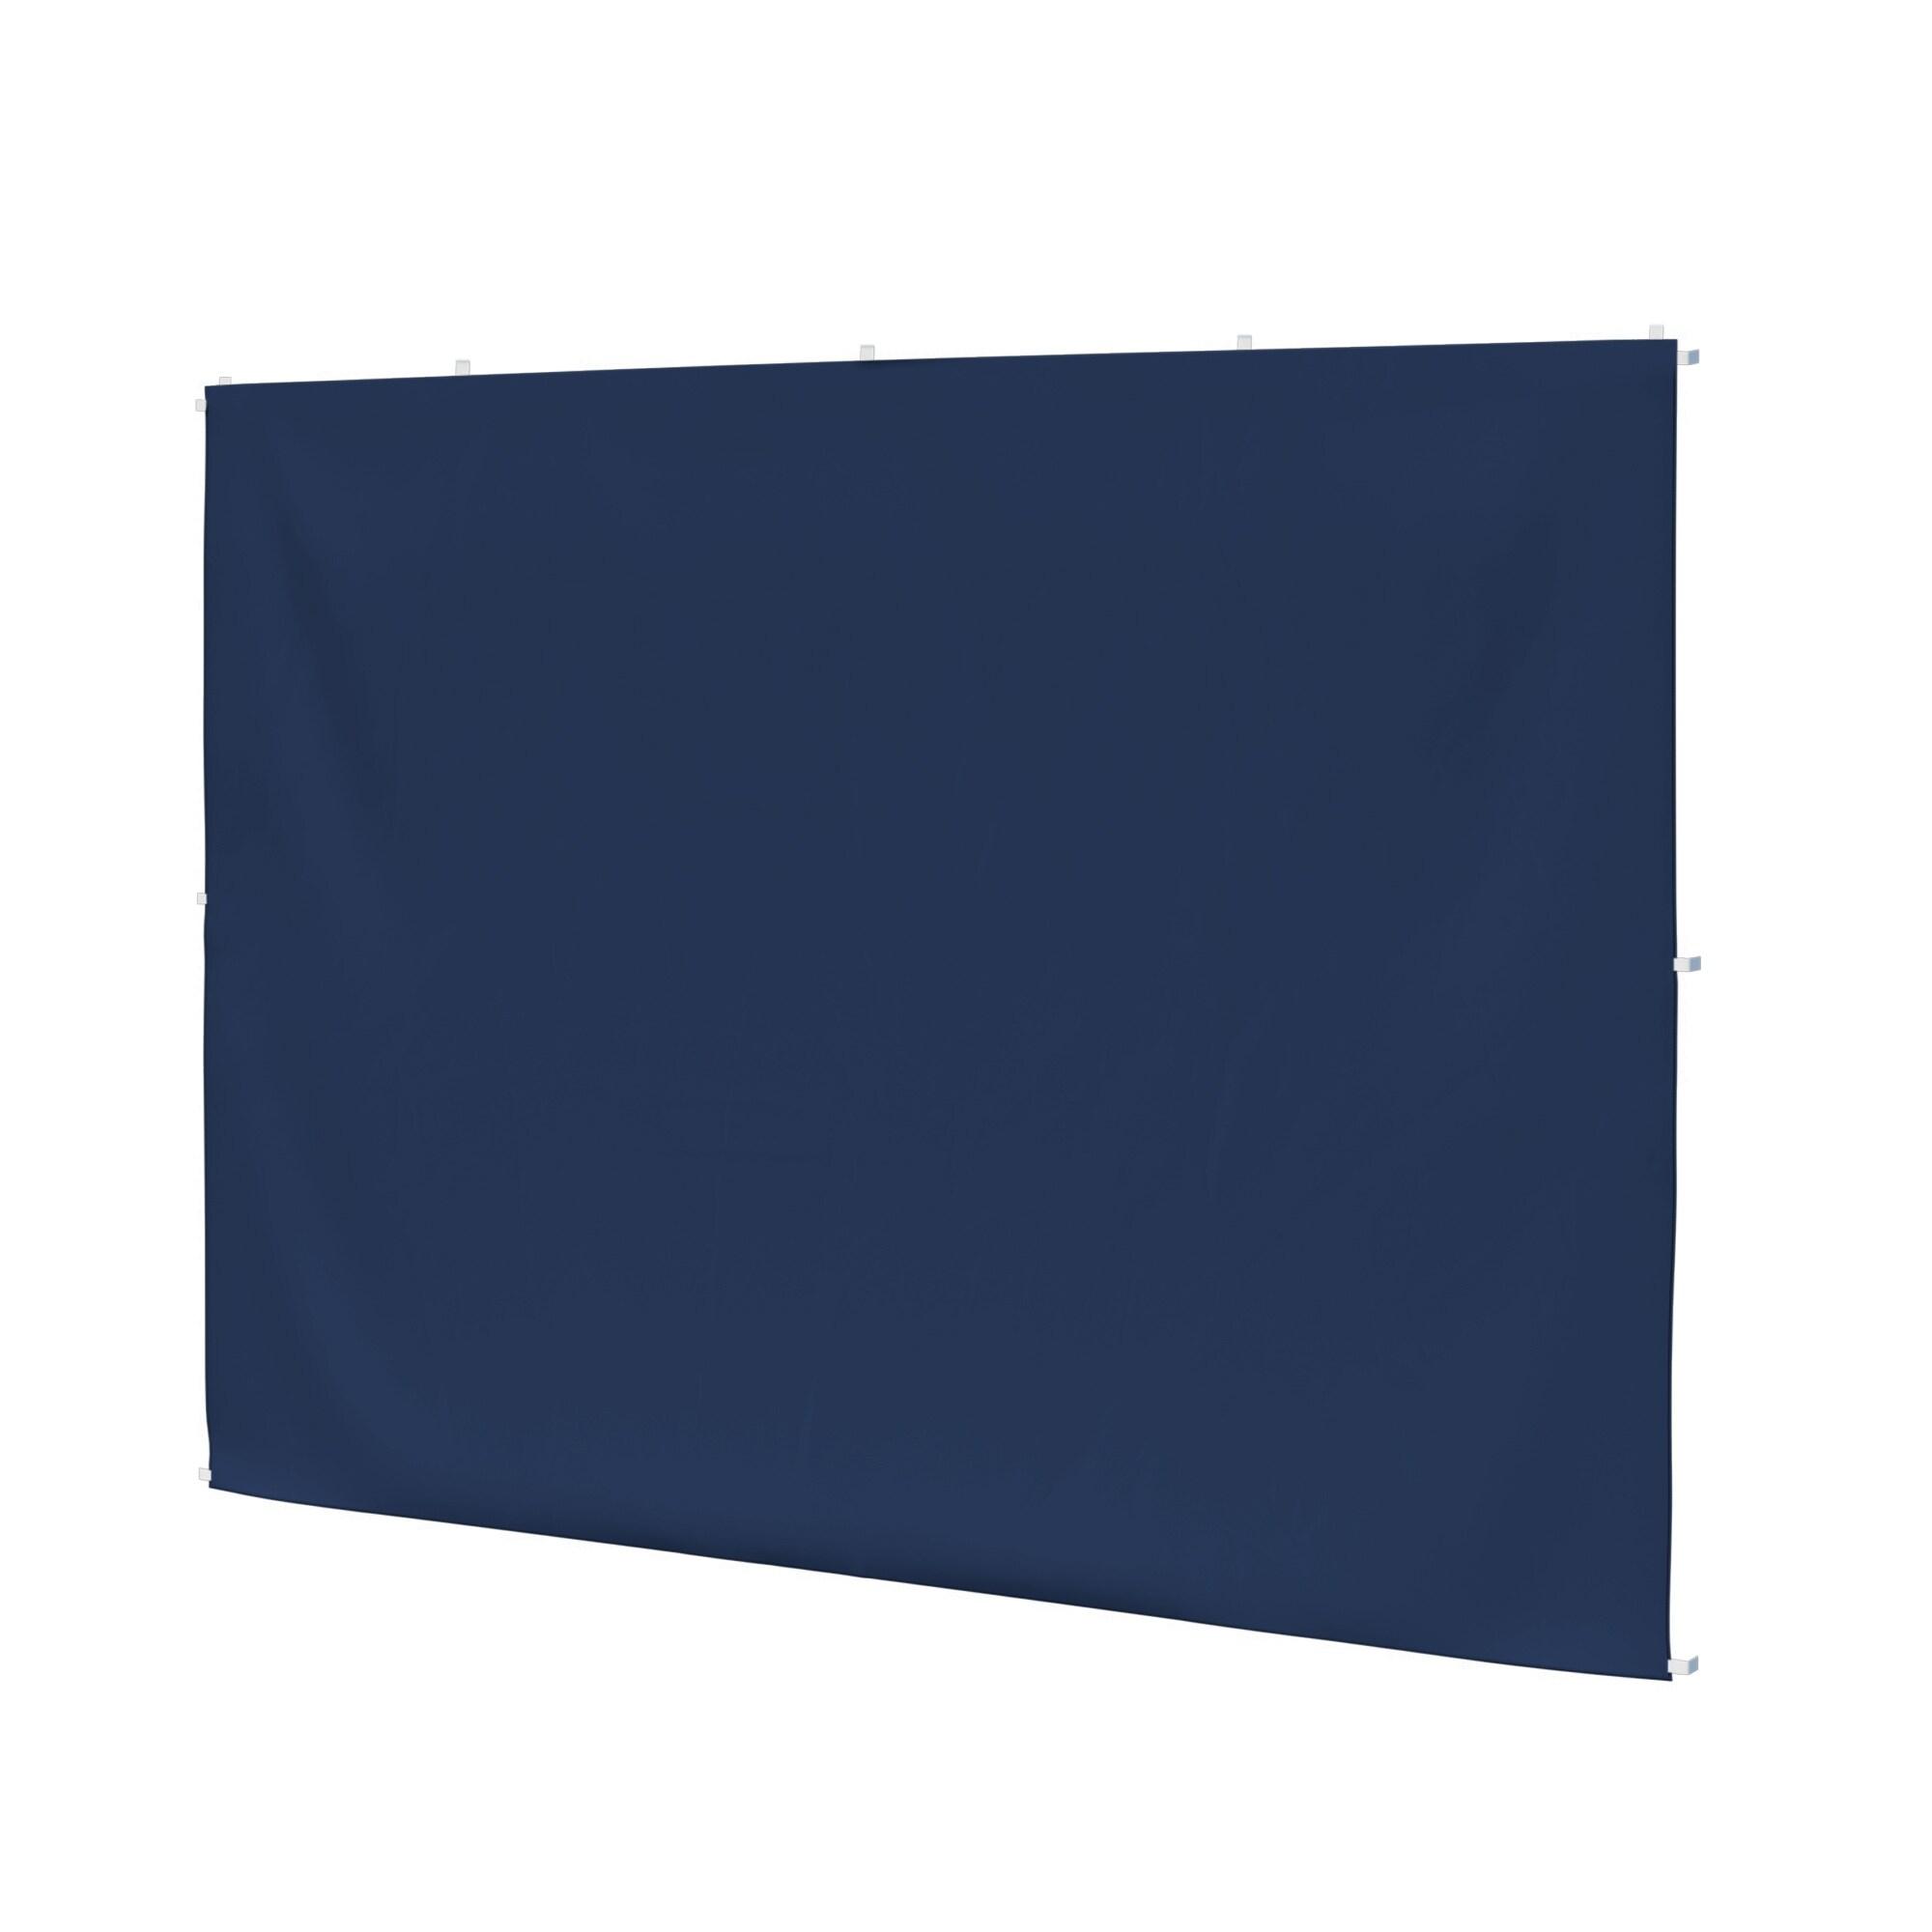 pavillon steckpavillon fenster t r rei verschluss seitenwand fliegengitter 3x3m ebay. Black Bedroom Furniture Sets. Home Design Ideas